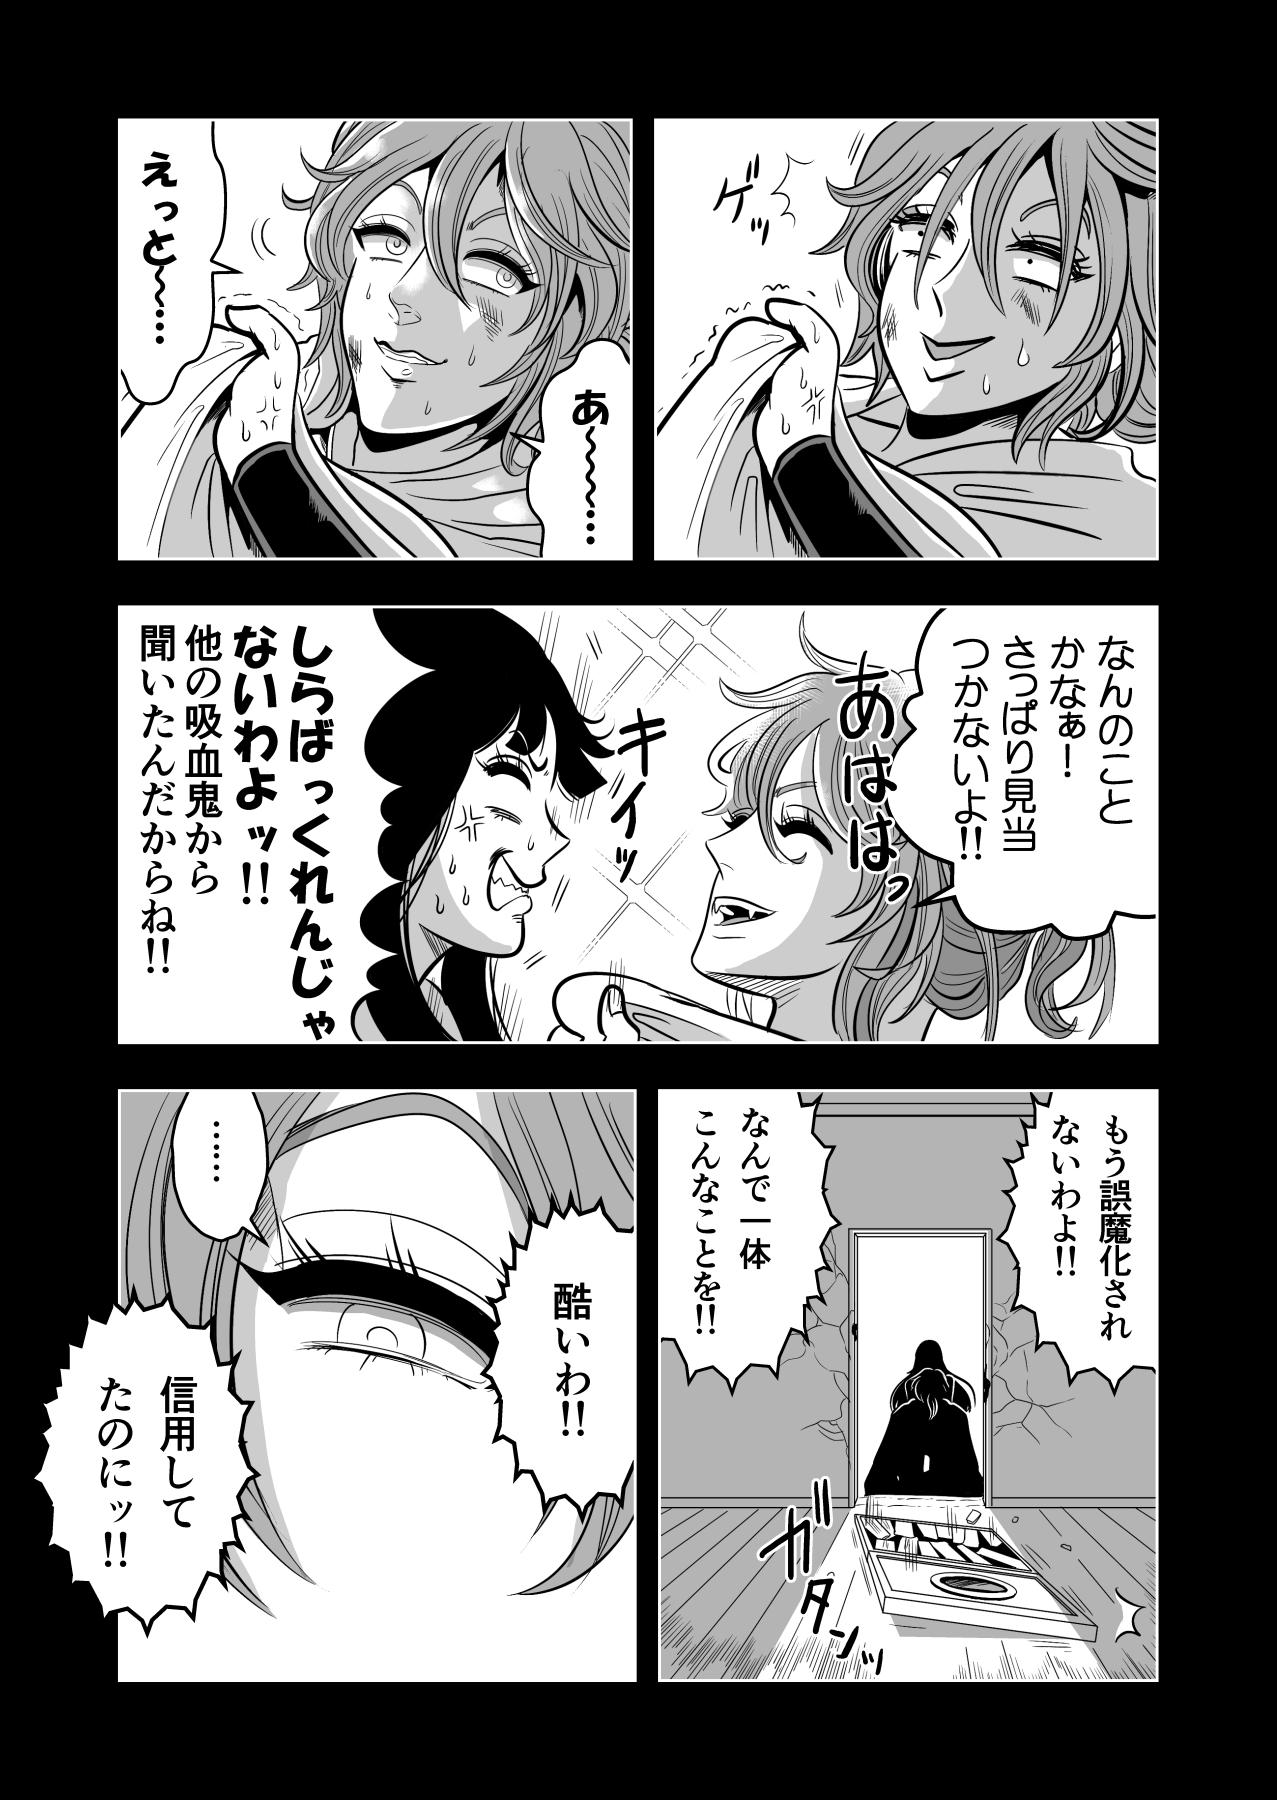 ヤサグレ魔女と第1王子と吸血鬼⑨ (5)-min